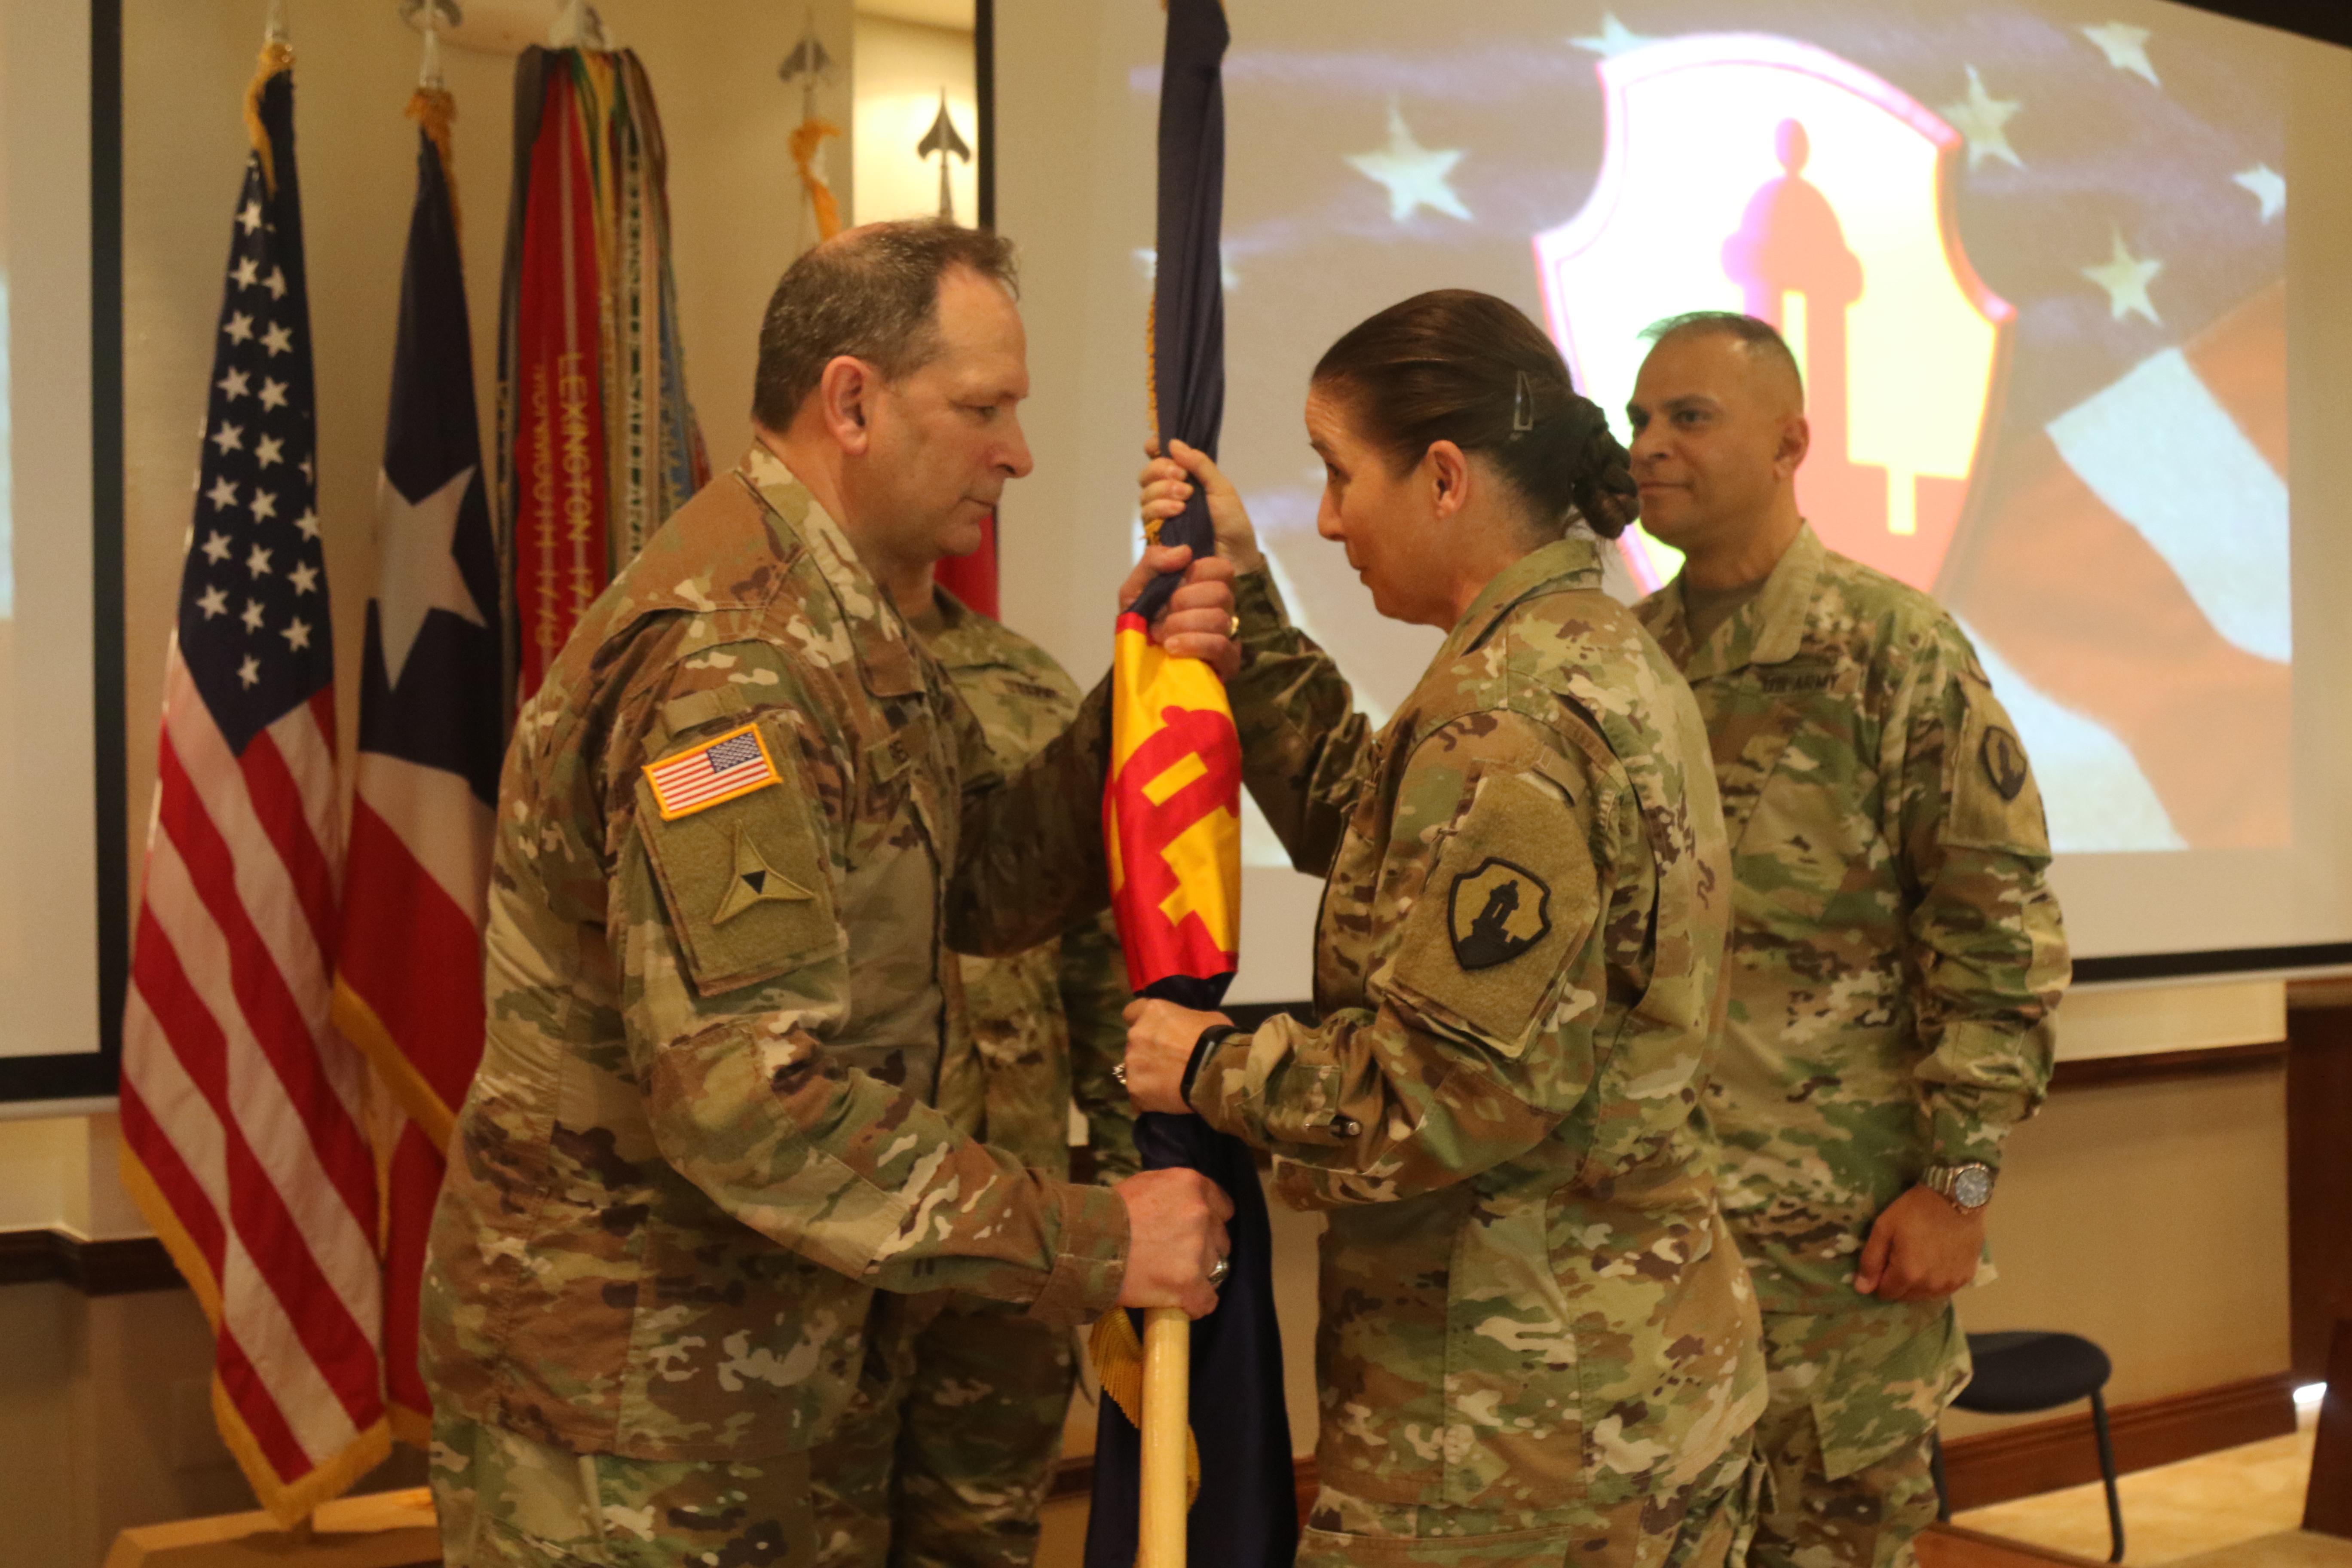 Misionero regresa como sargento de mayor rango del Ejército en el Caribe